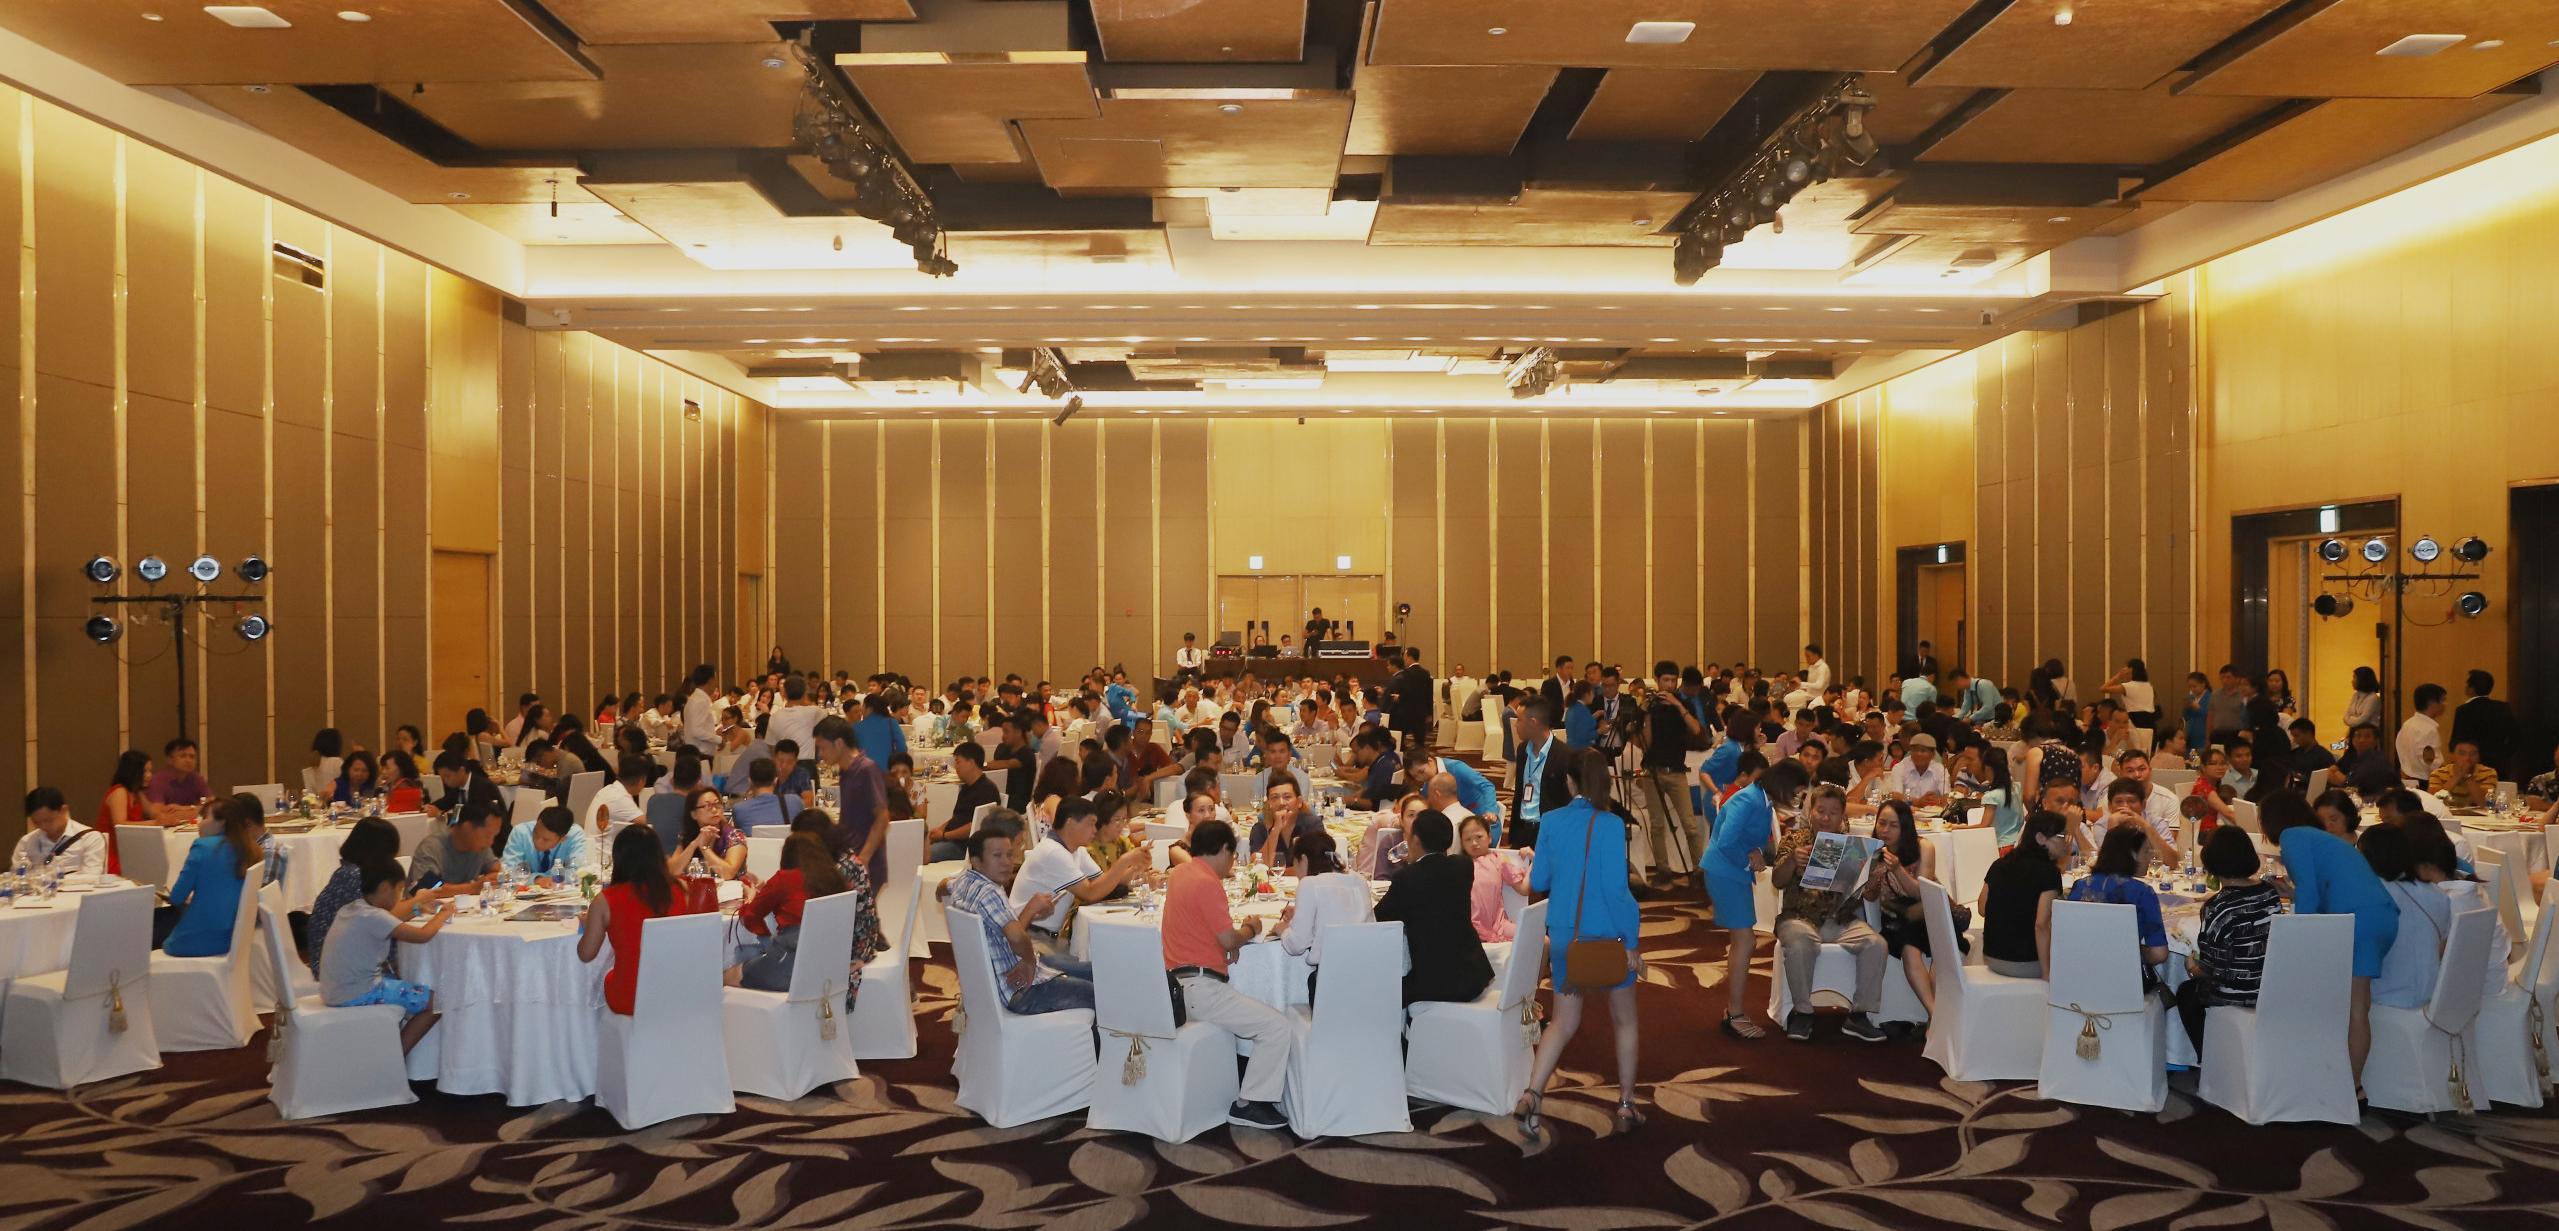 Đất Xanh Miền Trung: Dự án nhà ở hạng sang thu hút khách hàng tại Hà Nội